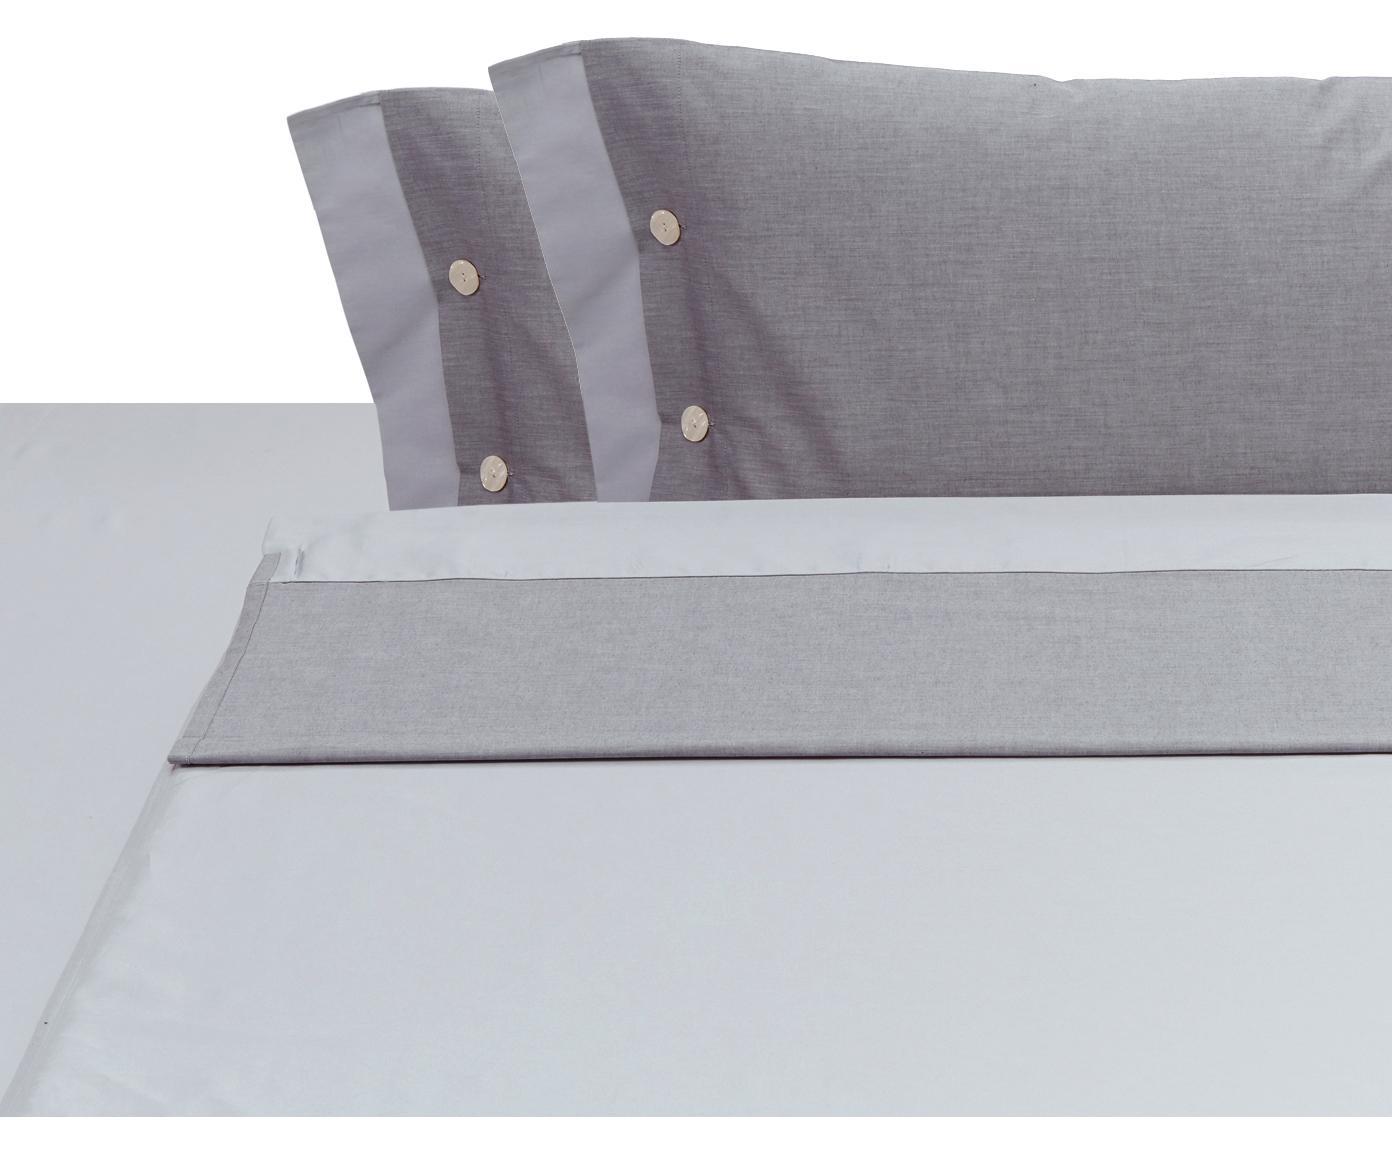 Set lenzuola in raso di cotone Charme, 4 pz, Raso di cotone, Grigio chiaro, grigio, 250 x 290 cm